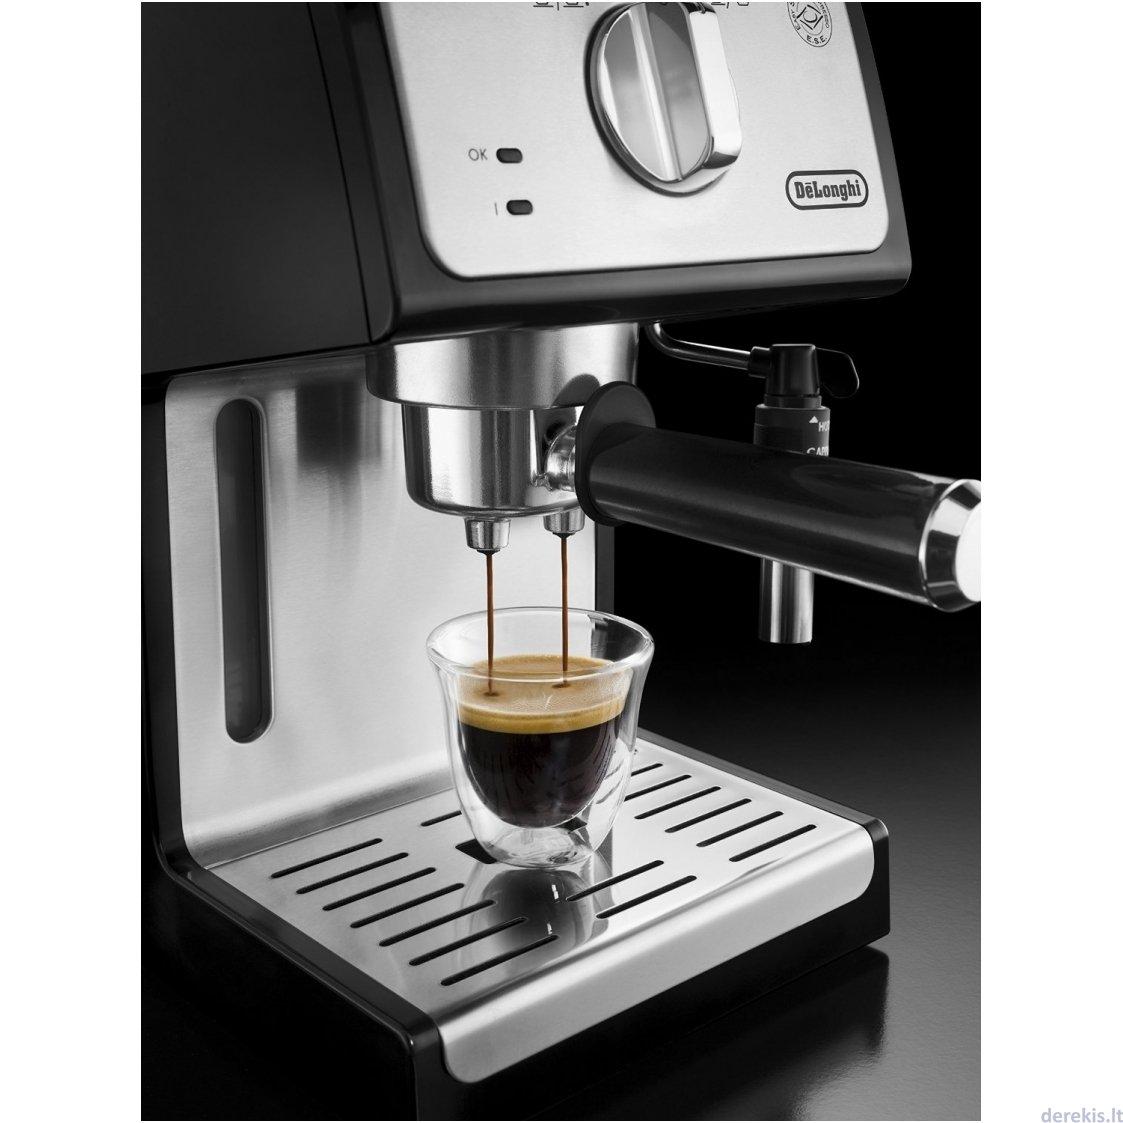 Delonghi Ecp3531 Coffee Maker Hitam Daftar Harga Terbaru Dan Ec680r Merah